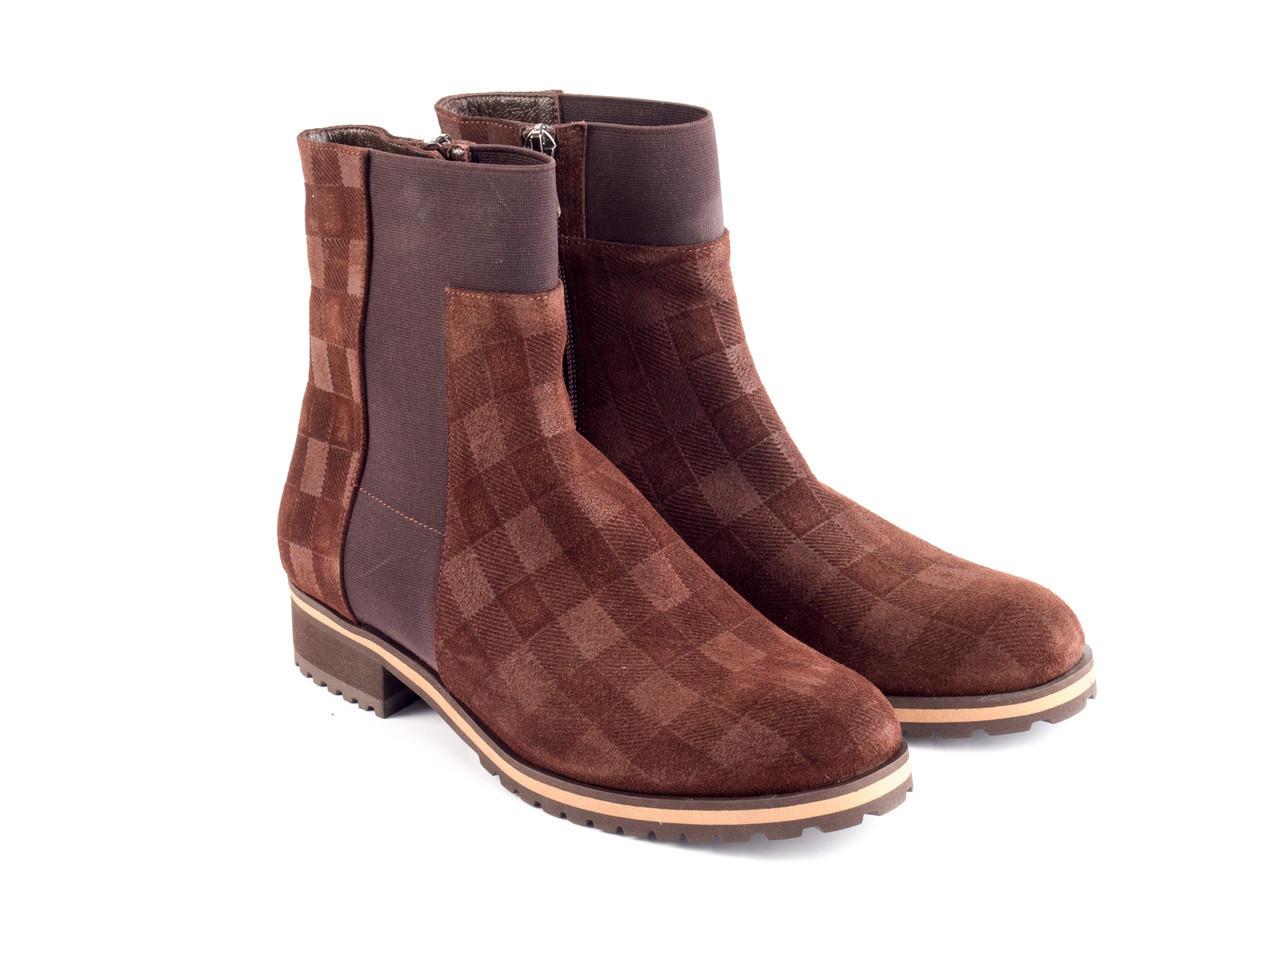 Ботинки Etor 4417-011-9530 39 коричневые